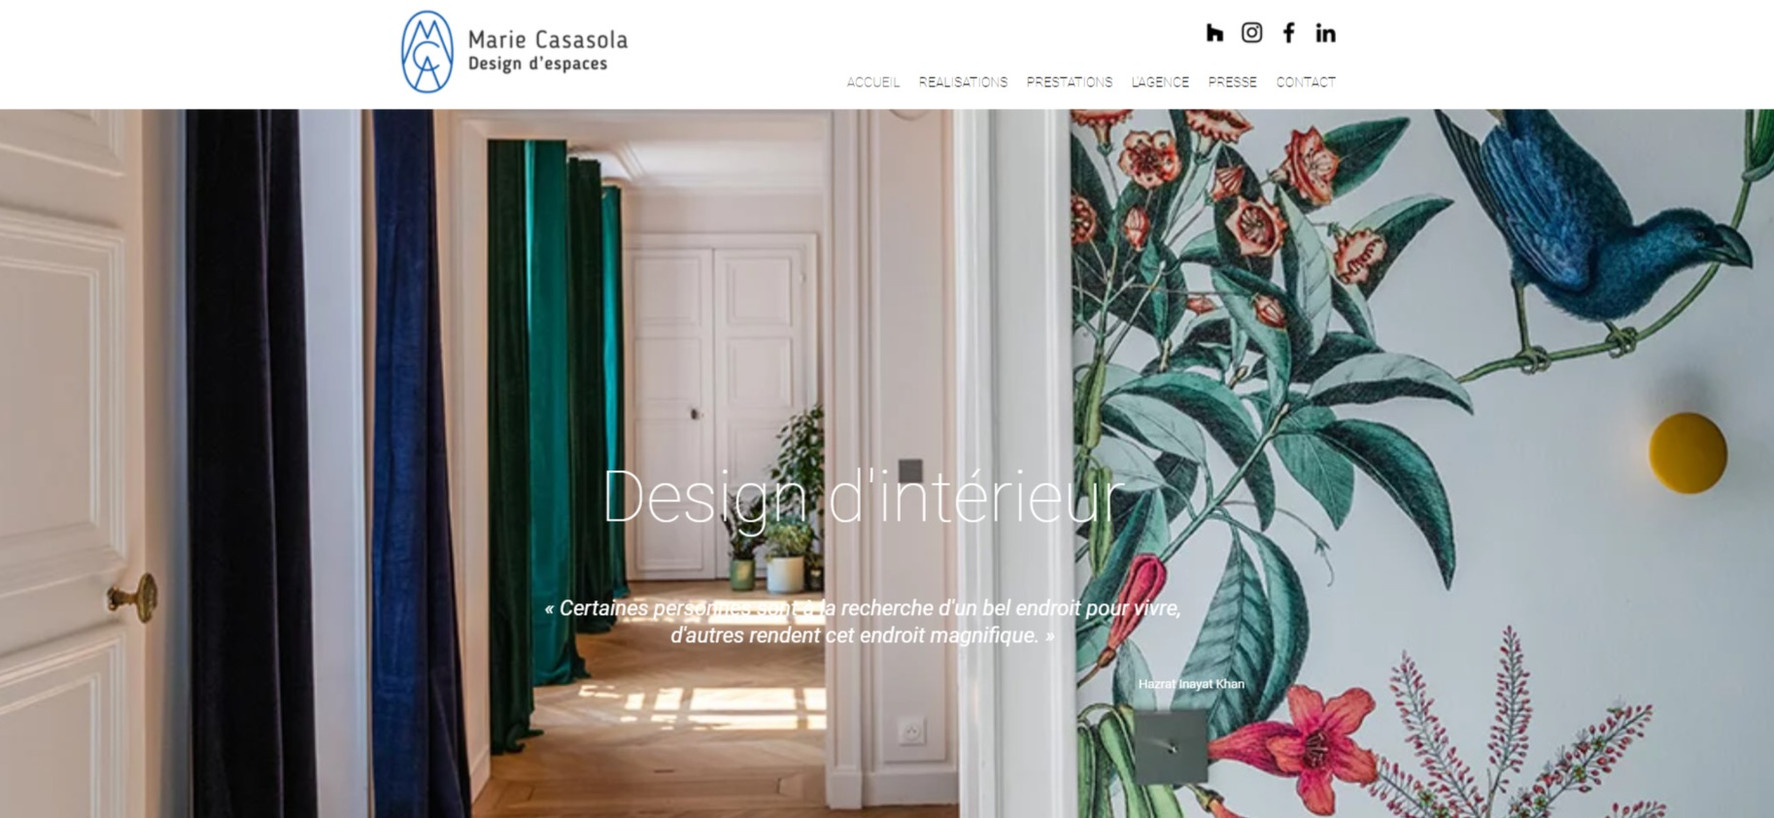 Site - Design d'espaces.jpg